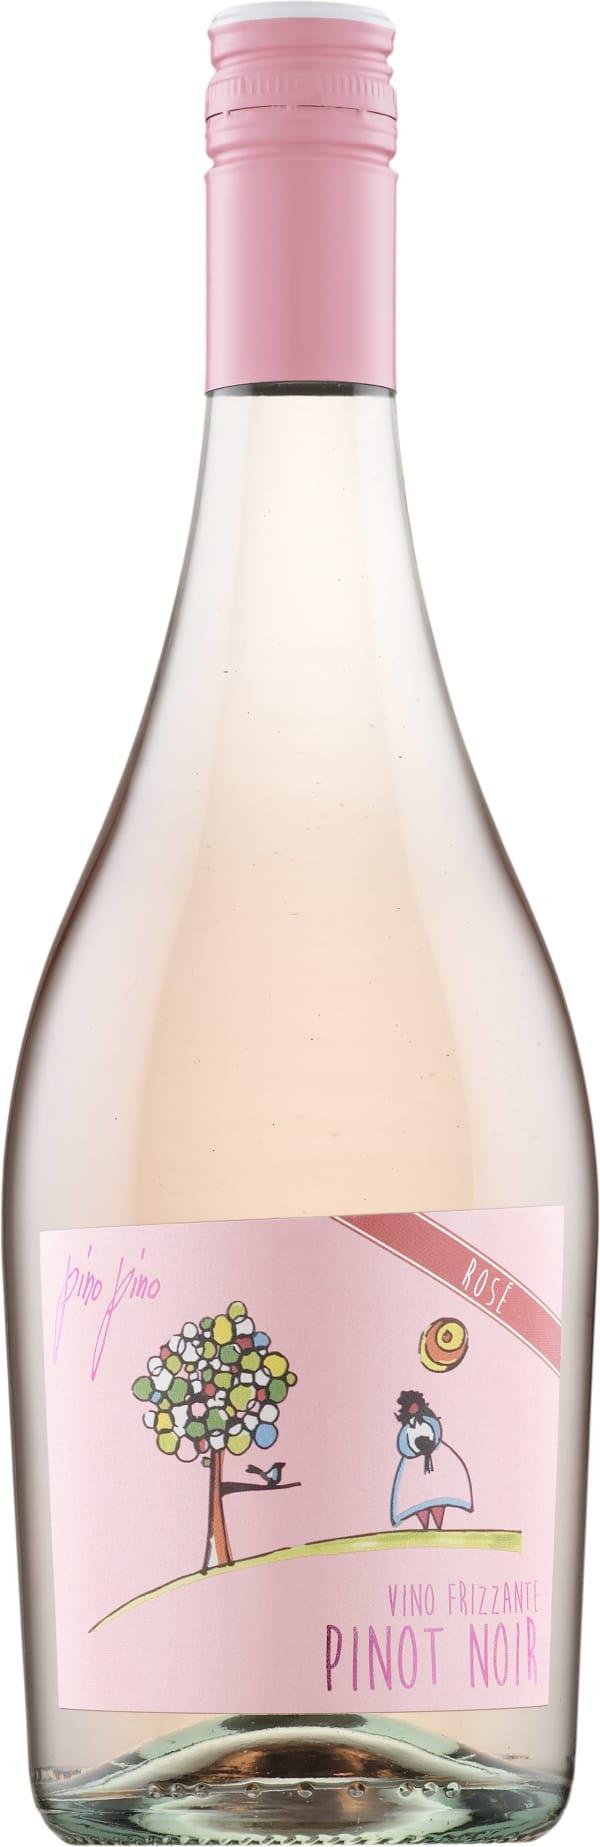 Pino Pino Frizzante Pinot Noir Rosé